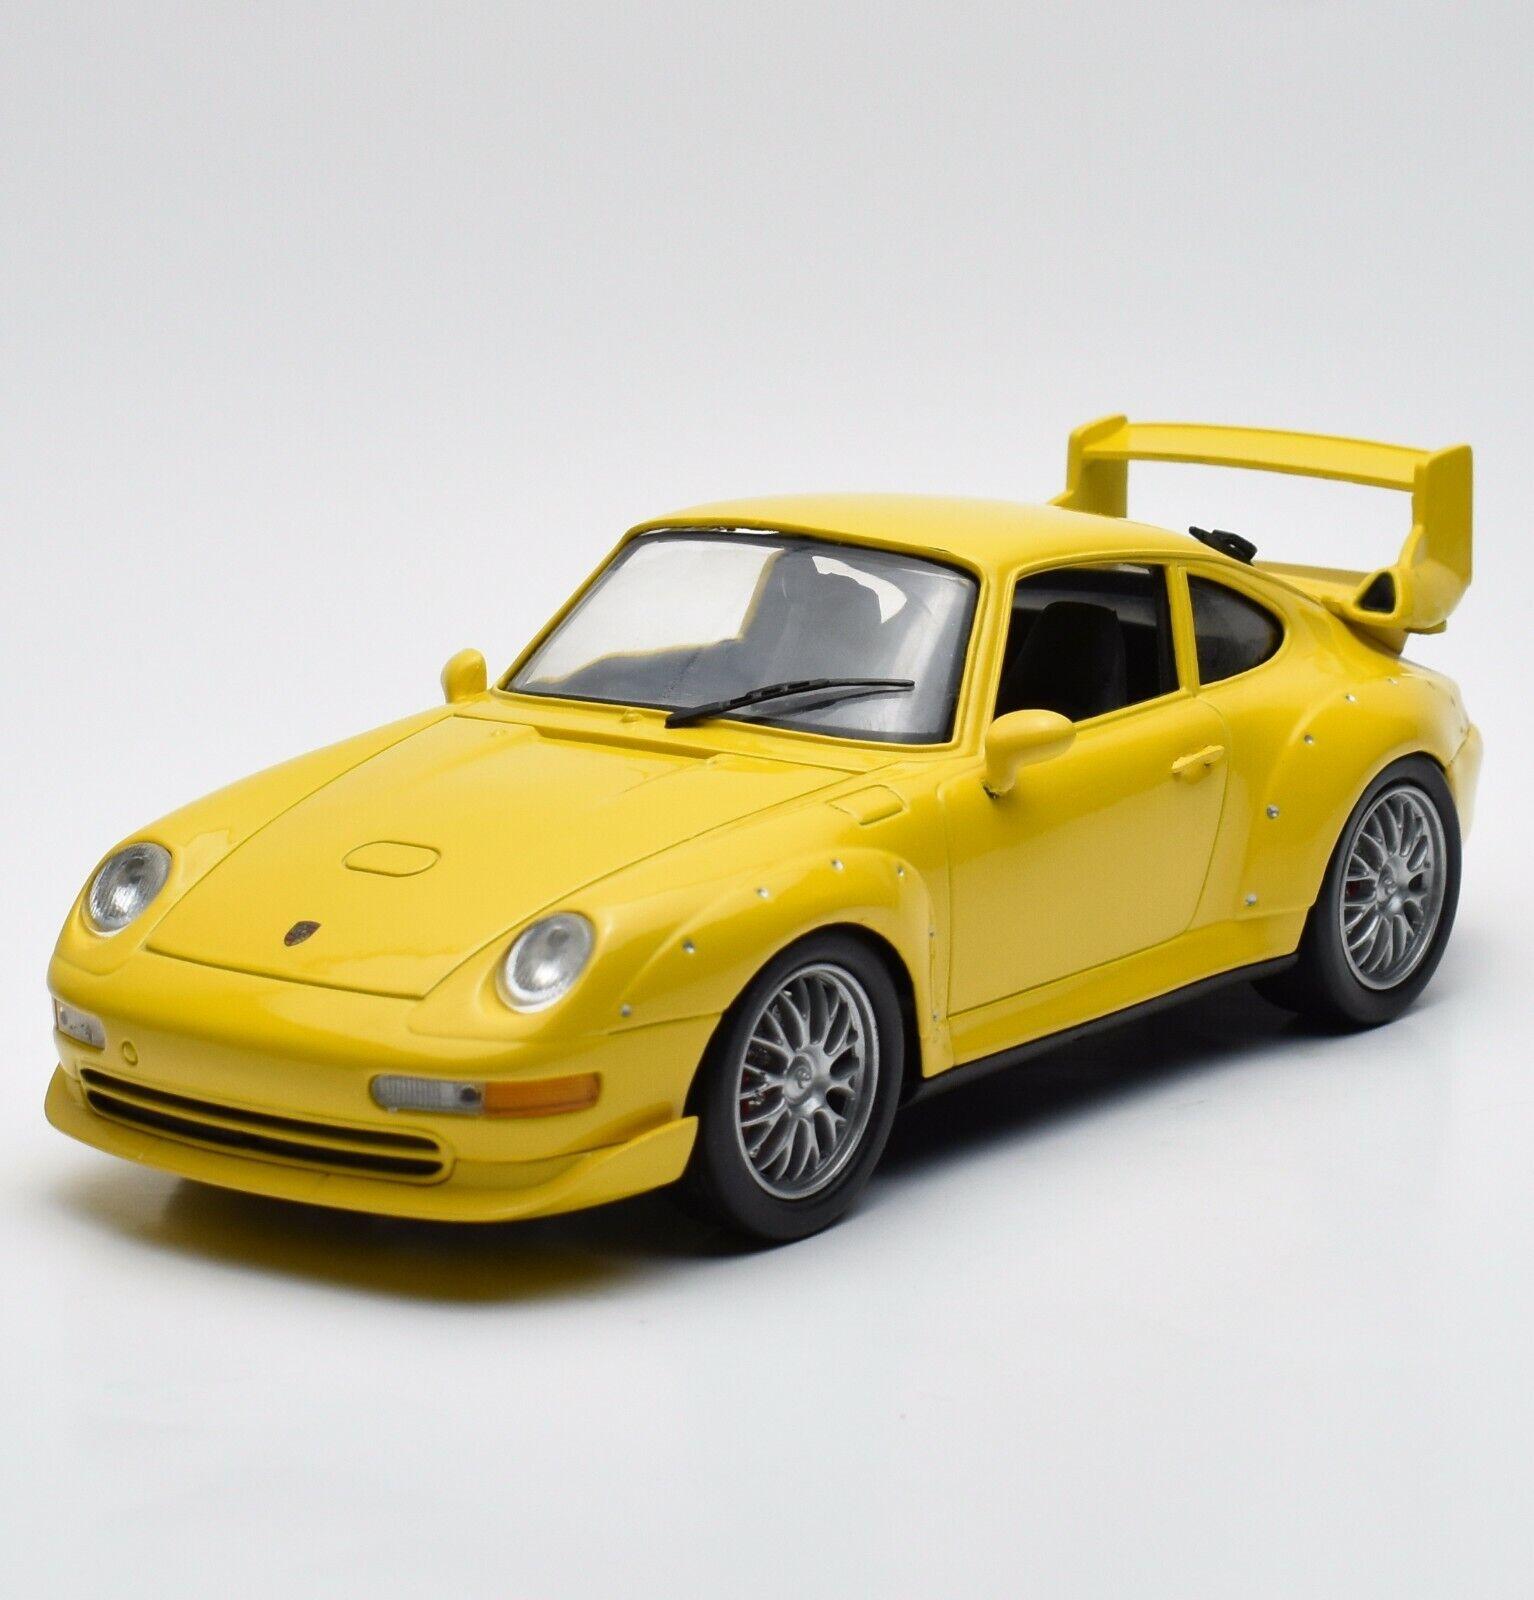 mejor oferta Anson clásico Porsche Porsche Porsche 911 gt2 auto deportivo en amarillo lacados, 1 18, embalaje original, k029  tienda de venta